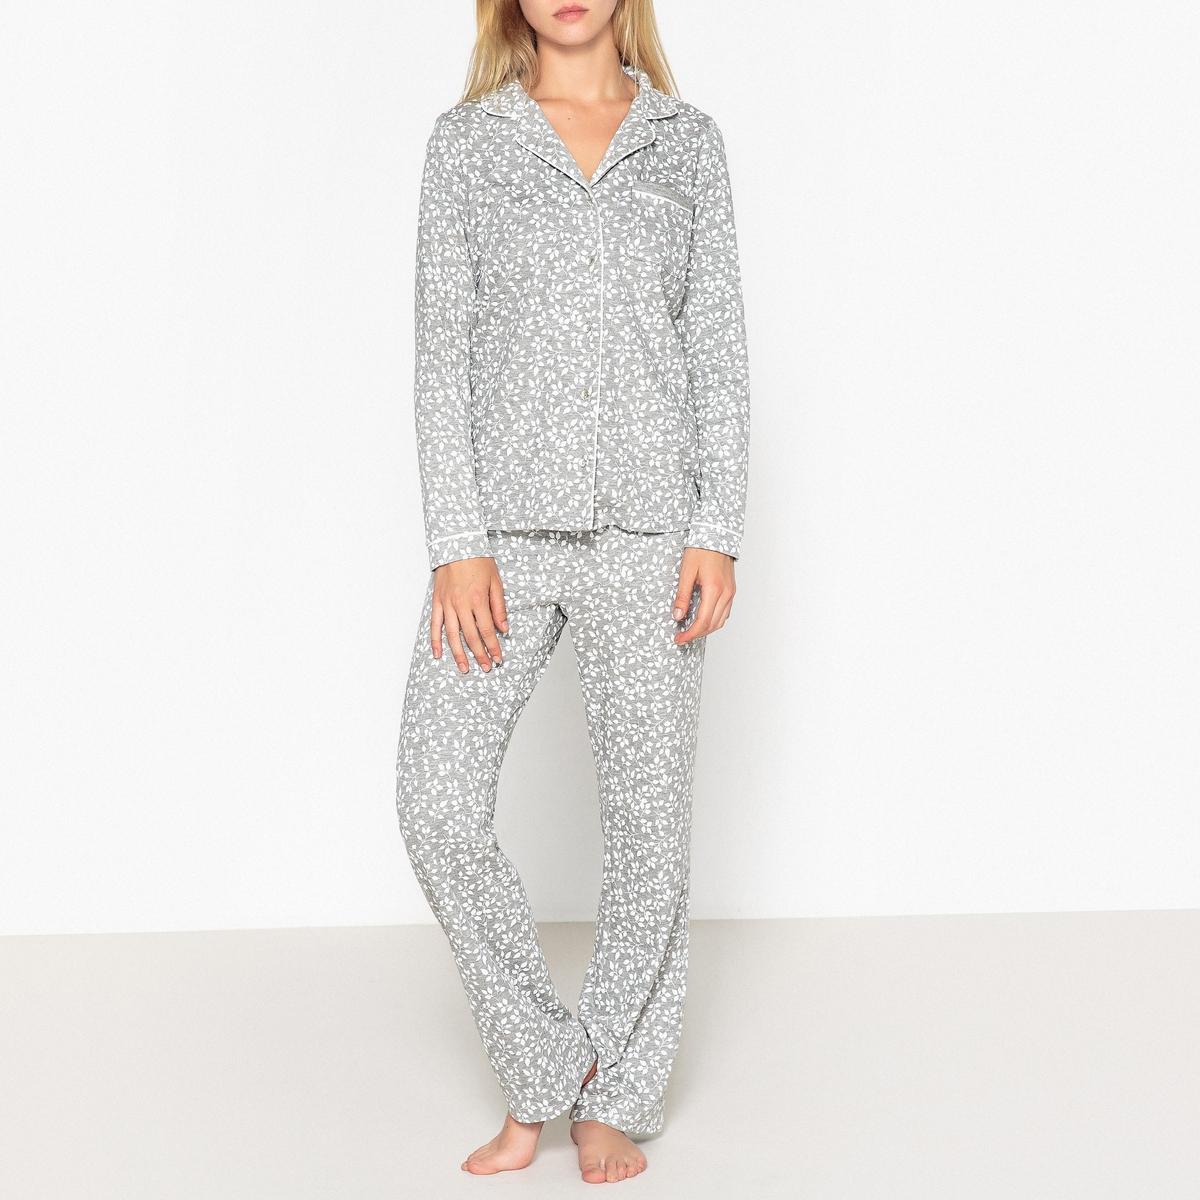 Пижама-рубашка с цветочным рисунком пижама с шортами с рисунком